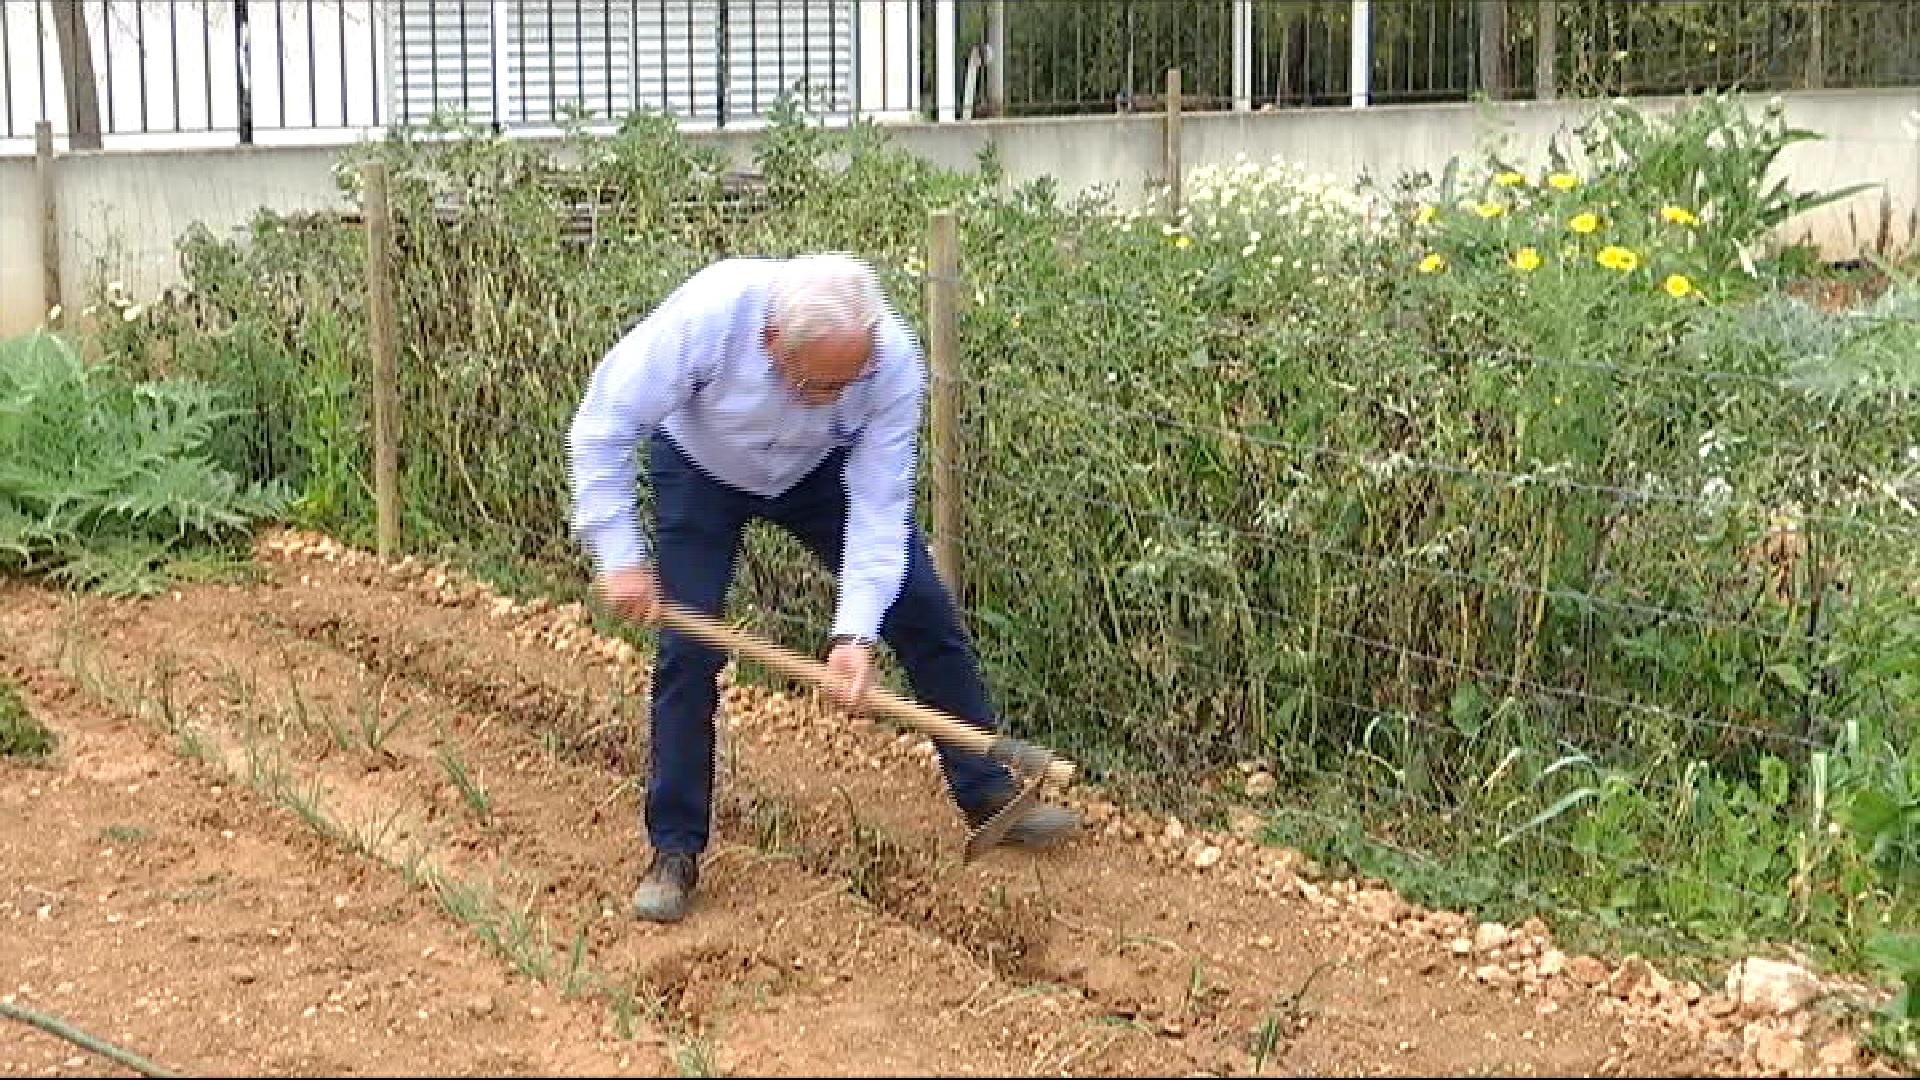 Els+productors+d%27agricultura+ecol%C3%B2gica+demanen+que+es+permetin+els+despla%C3%A7aments+als+horts+d%27autoconsum